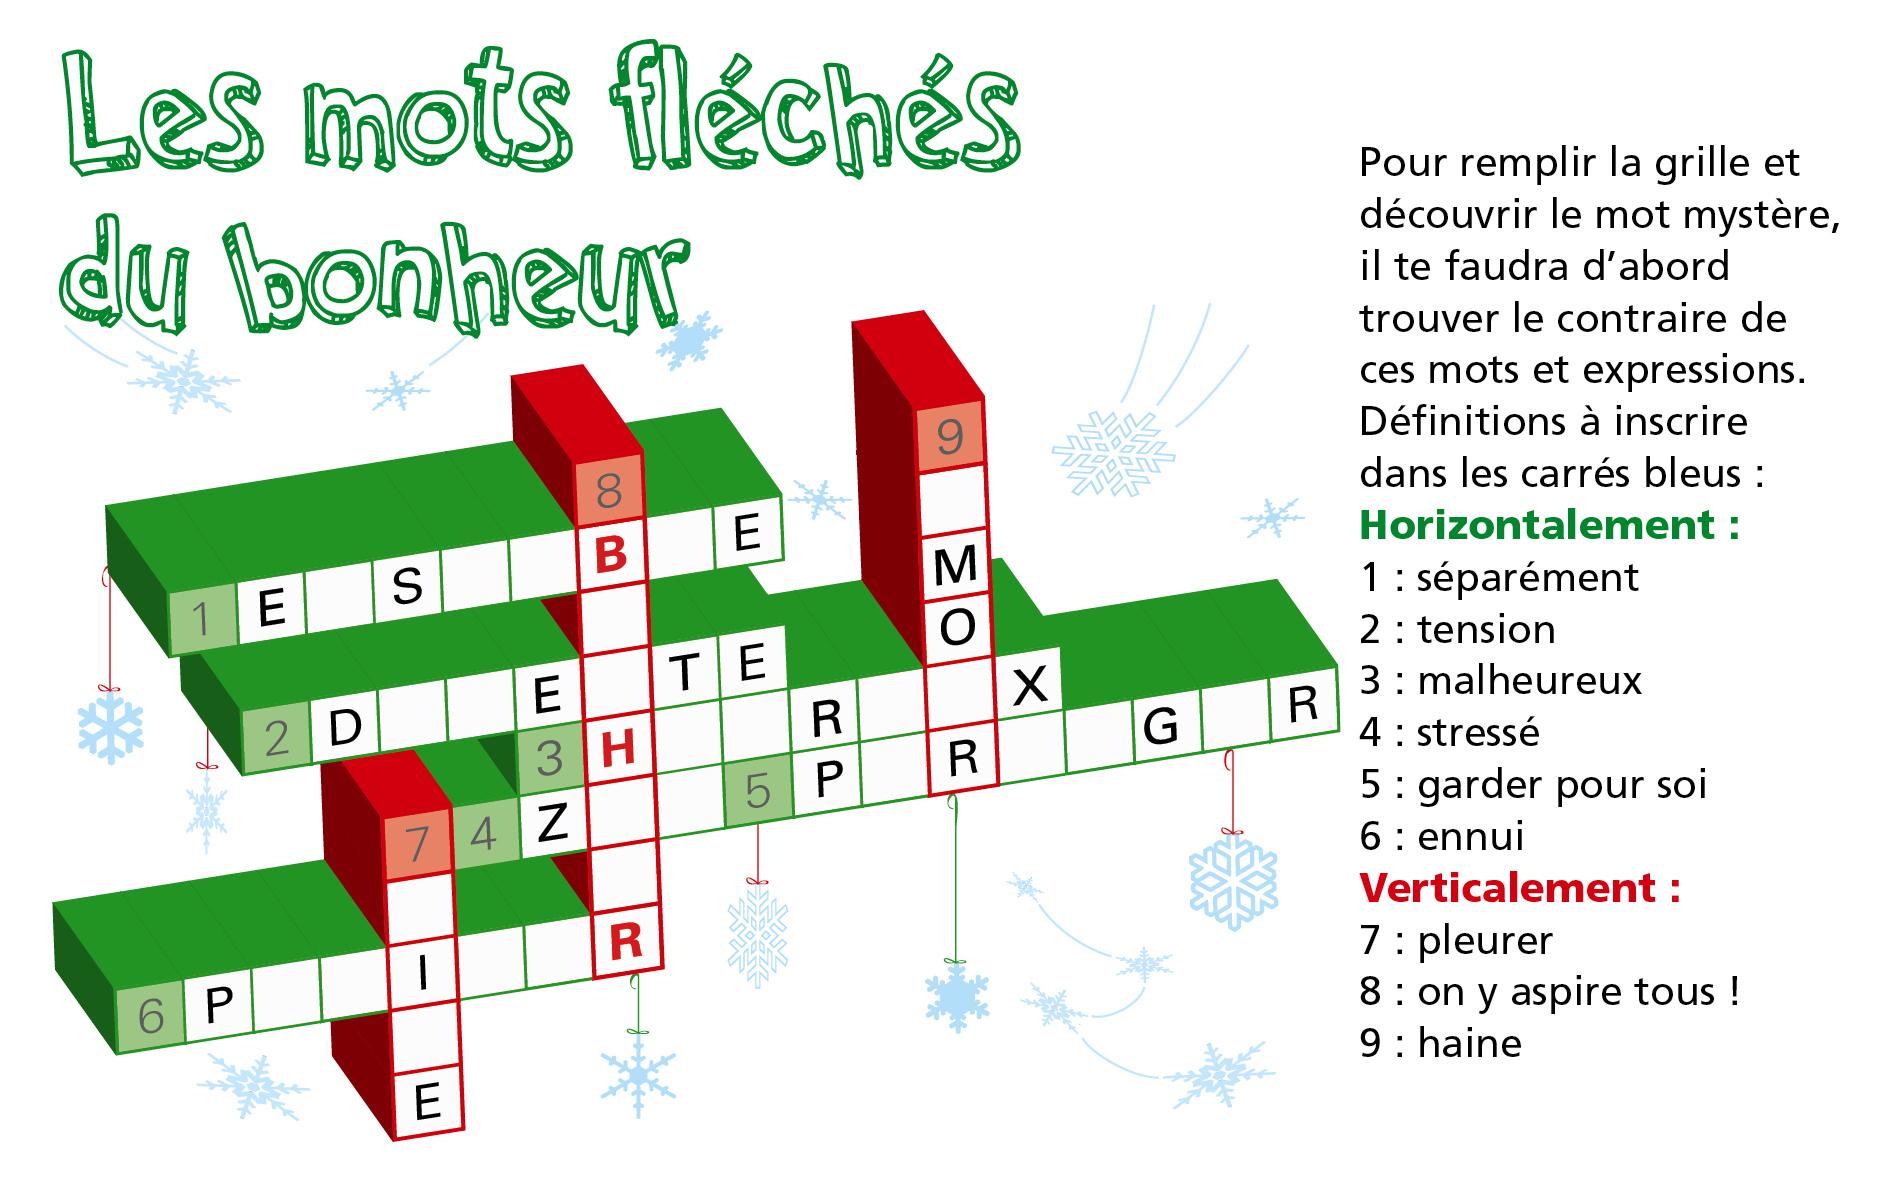 Les Mots Fléchés Du Bonheur / Jeu Lig'up - Lig'up concernant Jeux De Mot Fléché